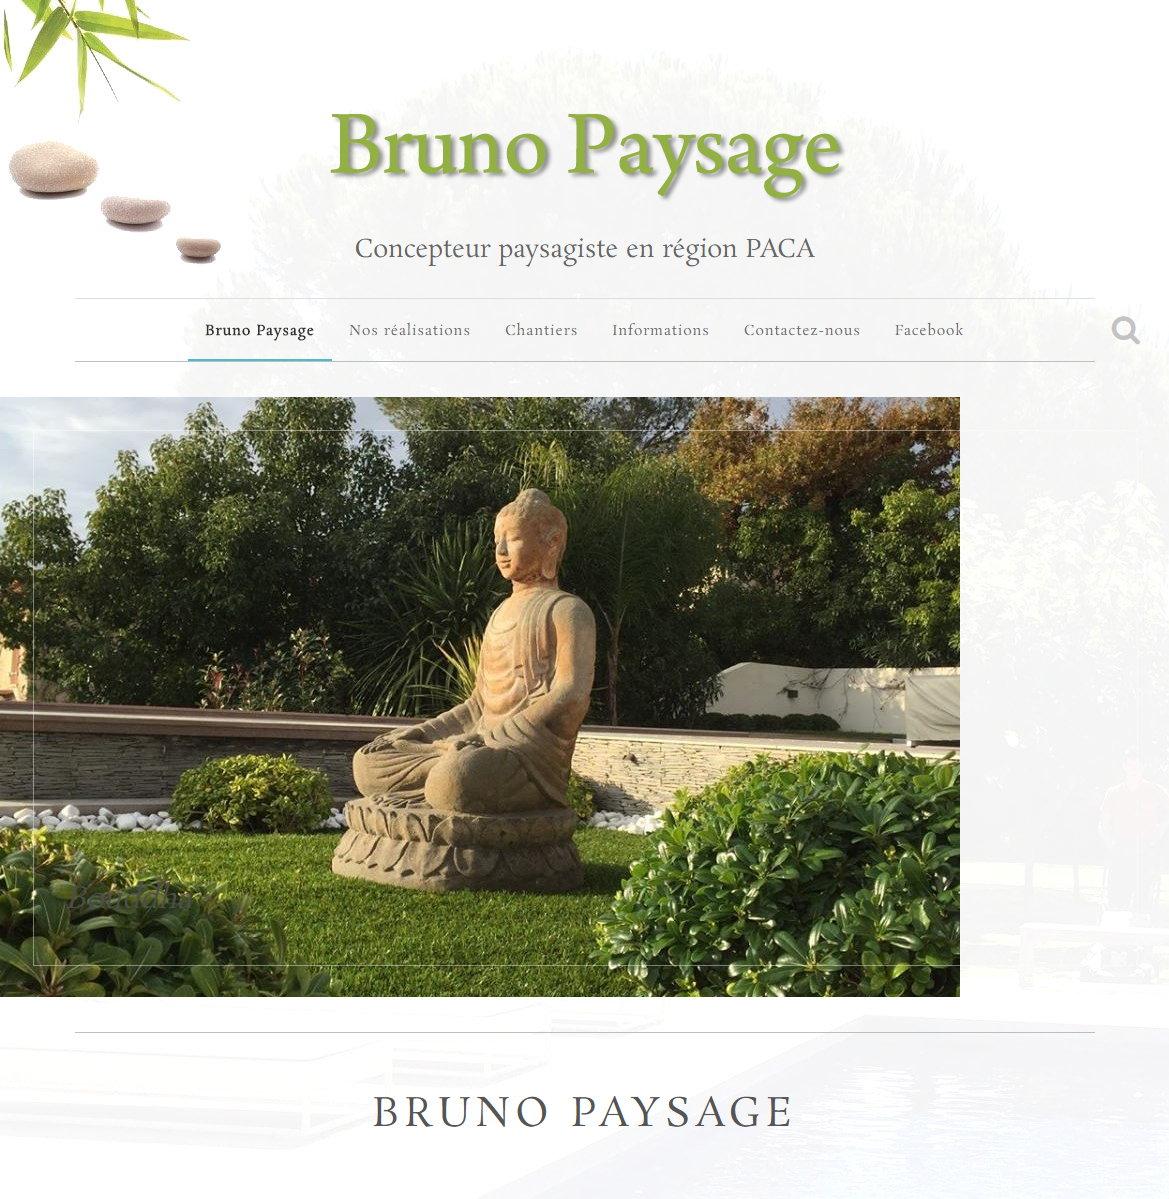 création de jardin Le Cannet Bruno Paysage 16